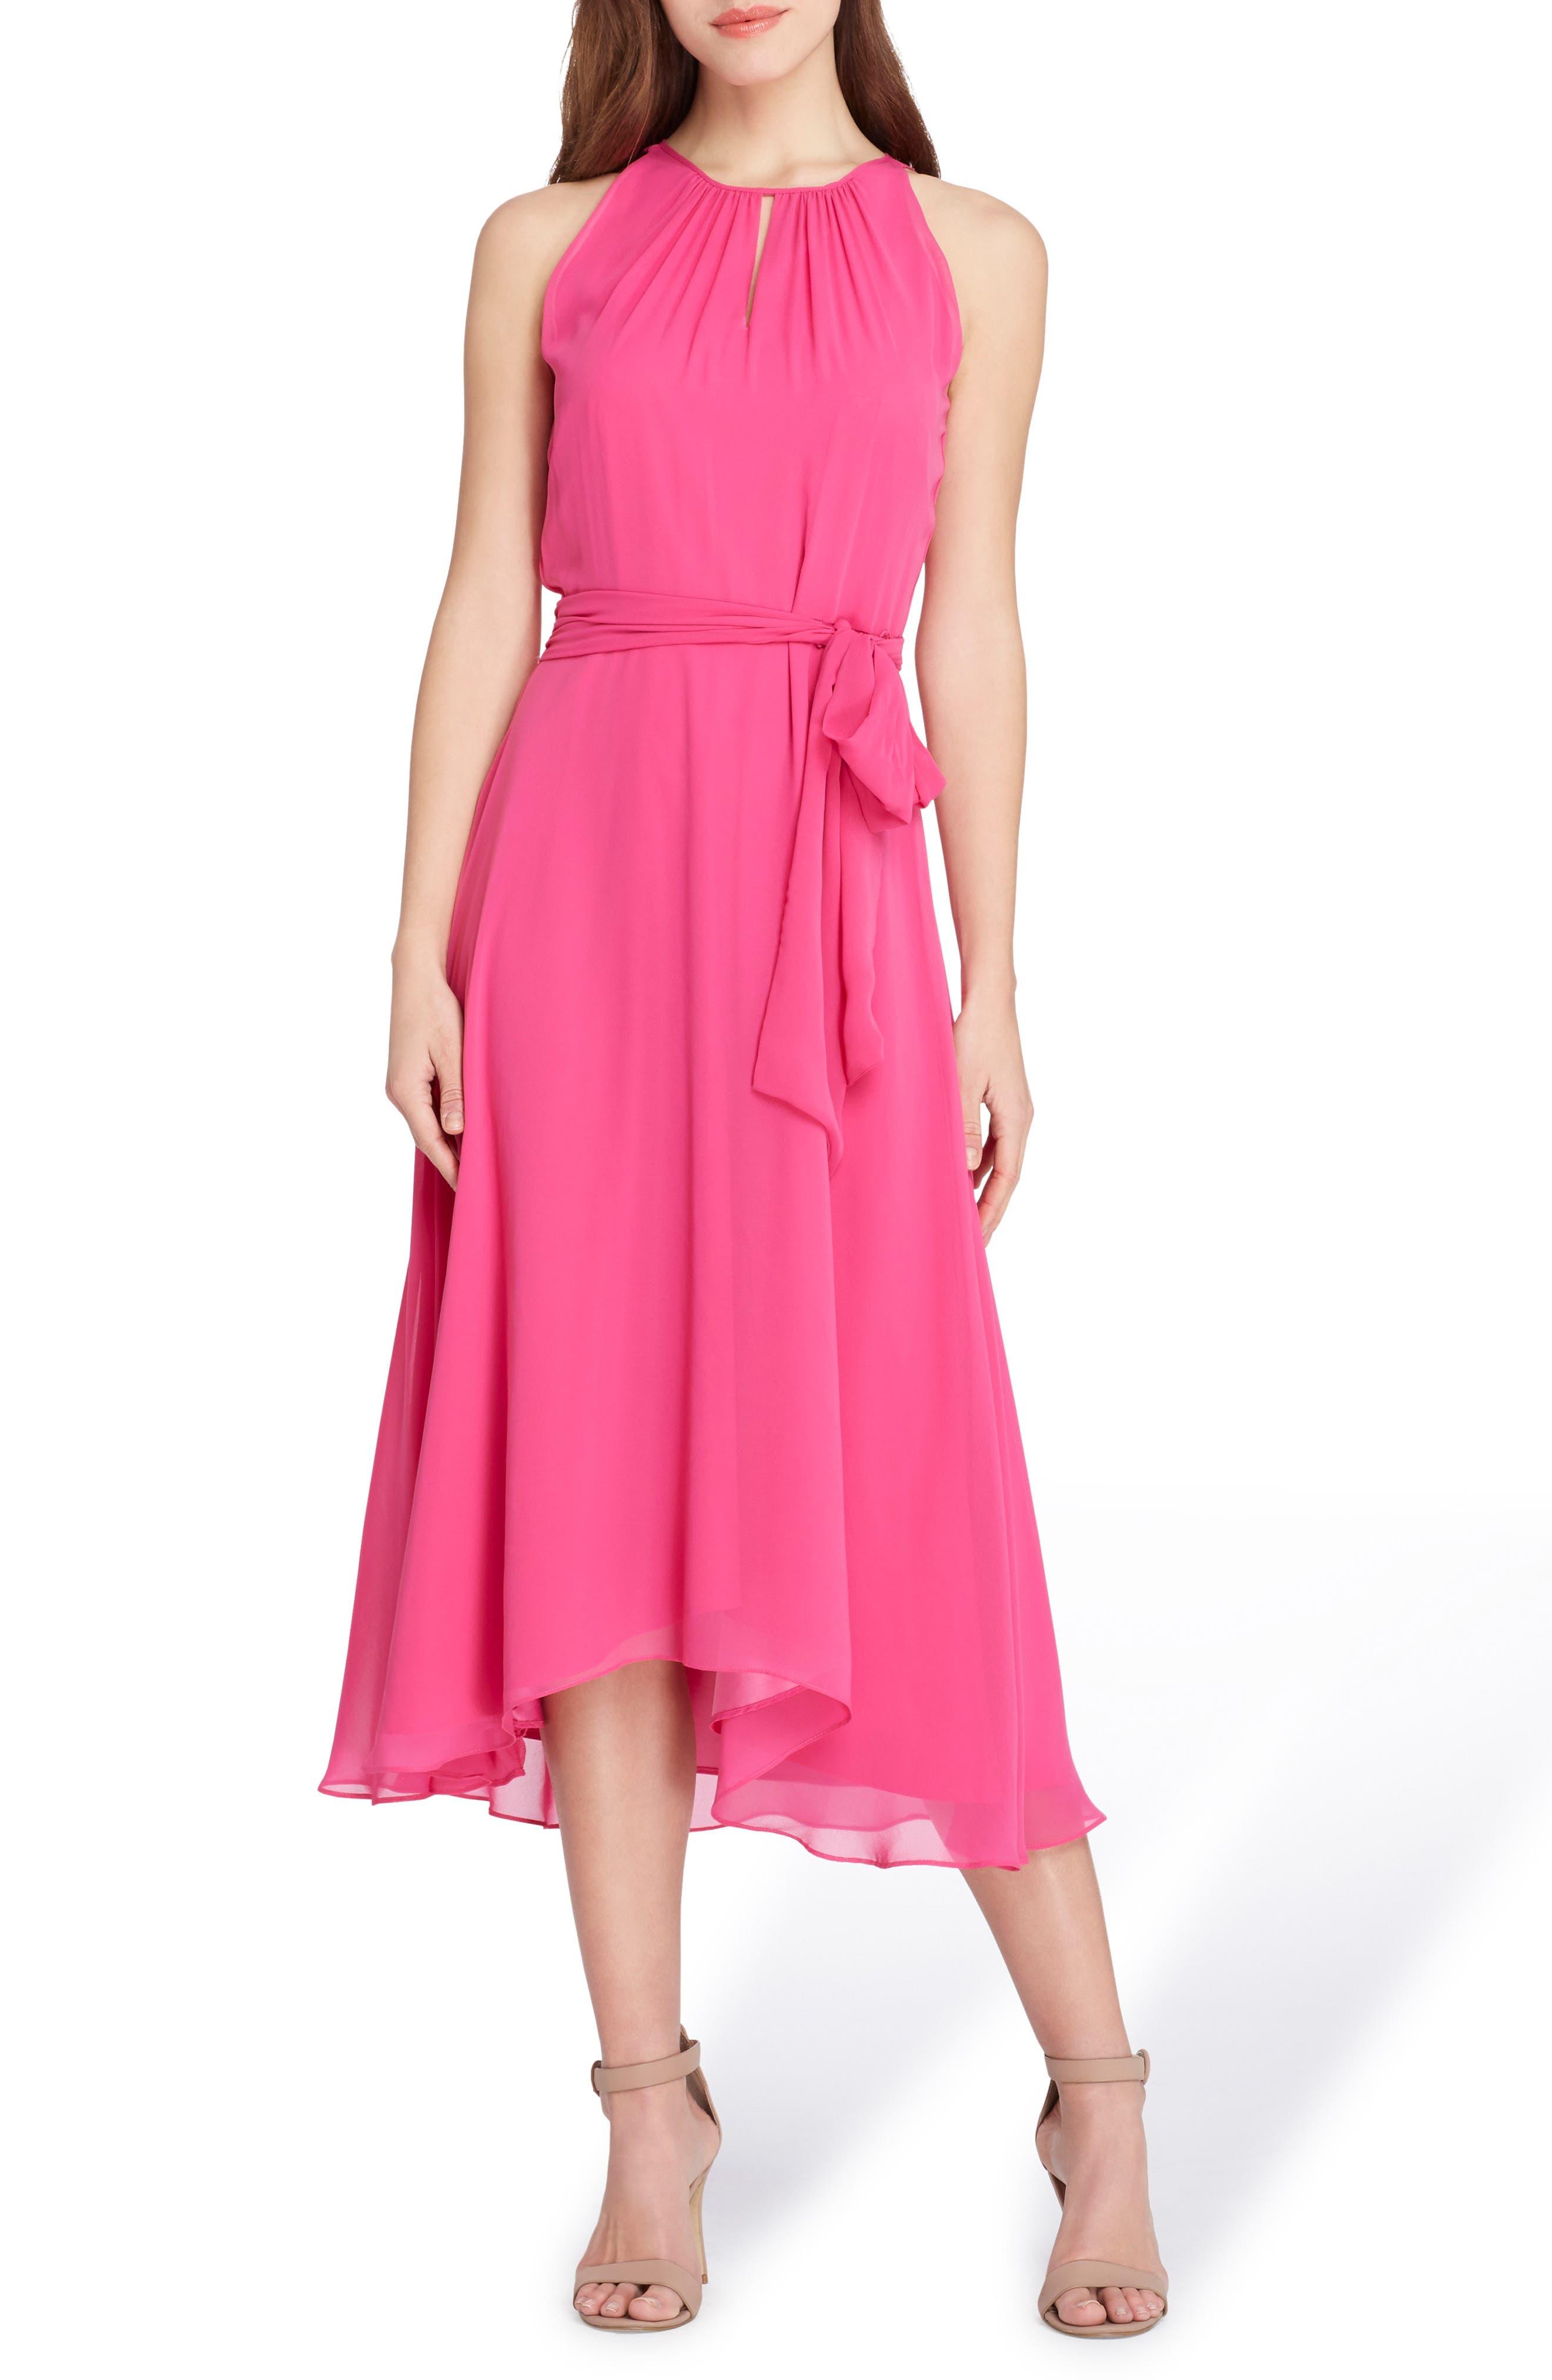 Tahari Midi Fit & Flare Dress (Petite)